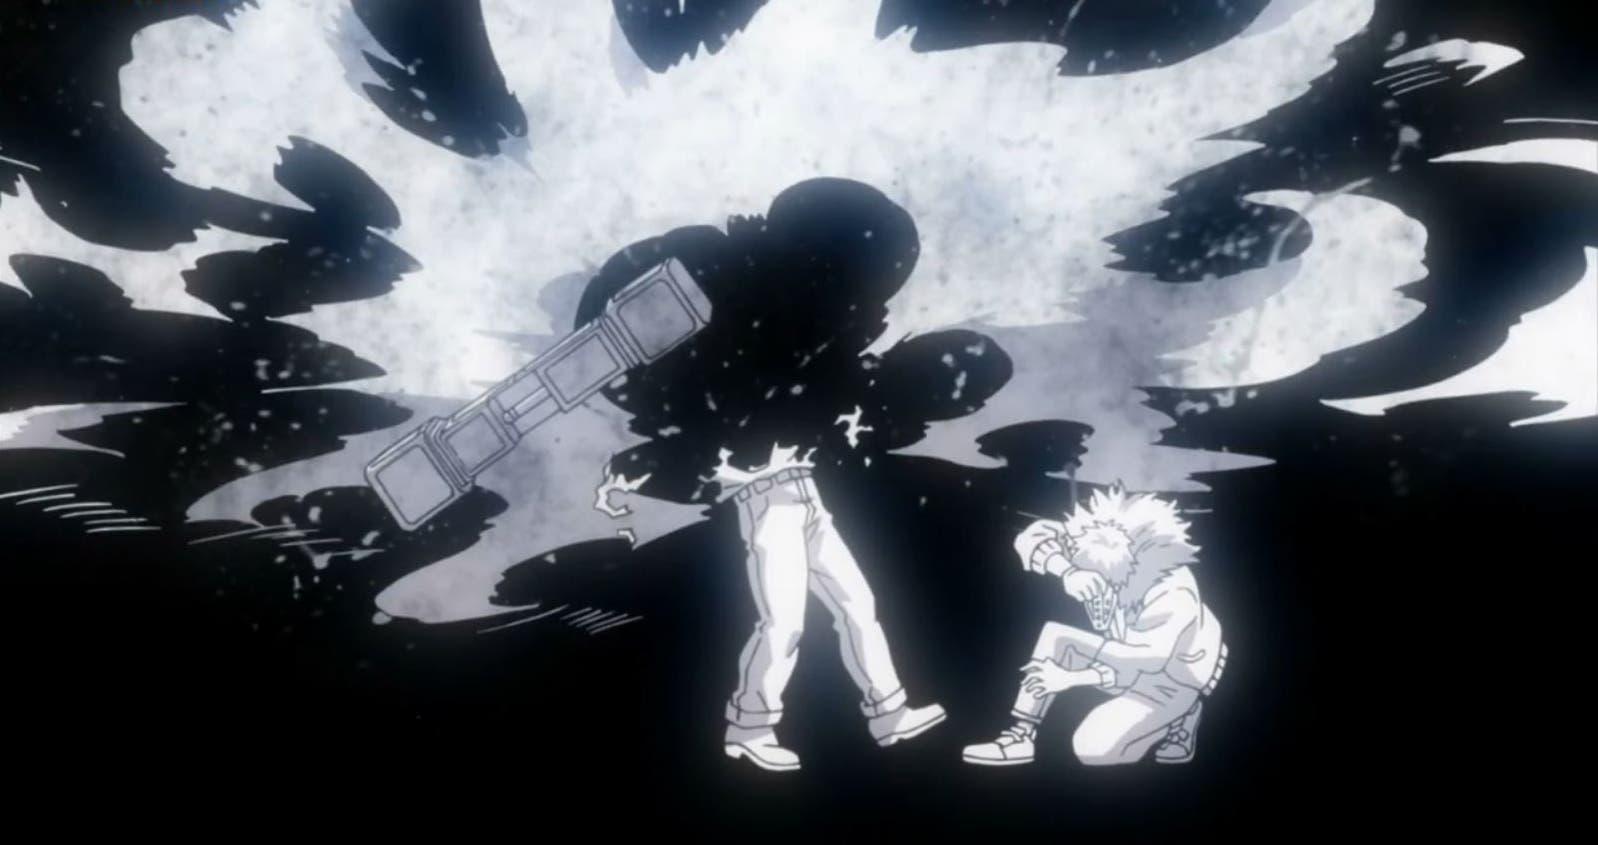 Critica De My Hero Academia 4x02 La Yakuza Y El Vacio De Poder Kai (overhaul) de shie hassaikai. critica de my hero academia 4x02 la